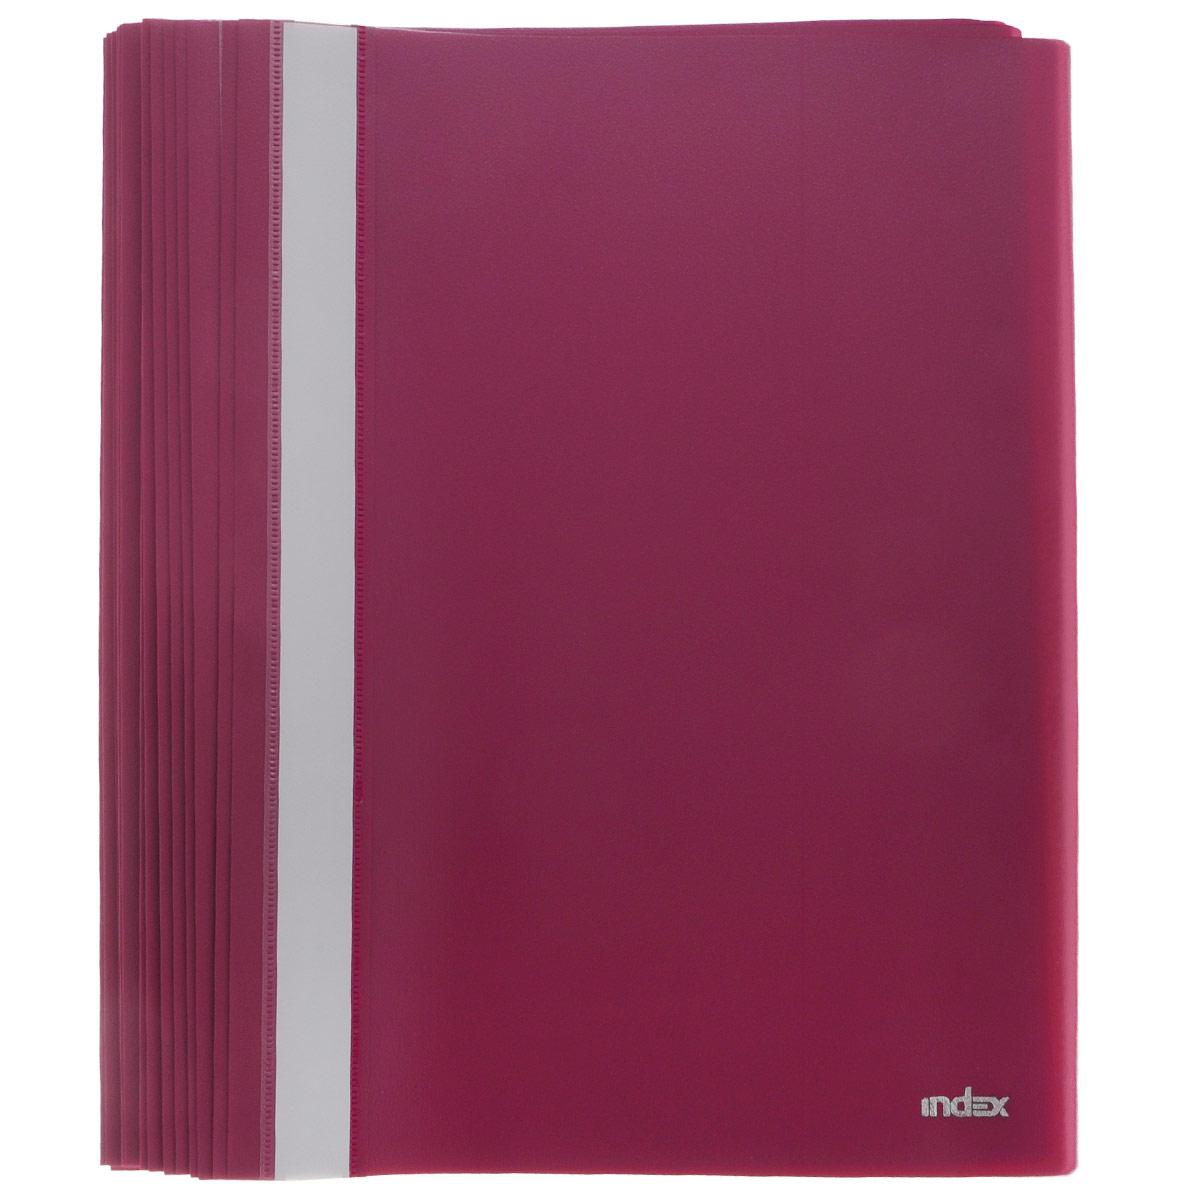 Папка-скоросшиватель Index, цвет: бордовый. Формат А4, 20 штFS-36052Папка-скоросшиватель Index, изготовленная из высококачественного полипропилена, это удобный и практичный офисный инструмент, предназначенный для хранения и транспортировки рабочих бумаг и документов формата А4. Папка оснащена верхним прозрачным матовым листом и металлическим зажимом внутри для надежного удержания бумаг. В наборе - 20 папок.Папка-скоросшиватель - это незаменимый атрибут для студента, школьника, офисного работника. Такая папка надежно сохранит ваши документы и сбережет их от повреждений, пыли и влаги.Комплектация: 20 шт.